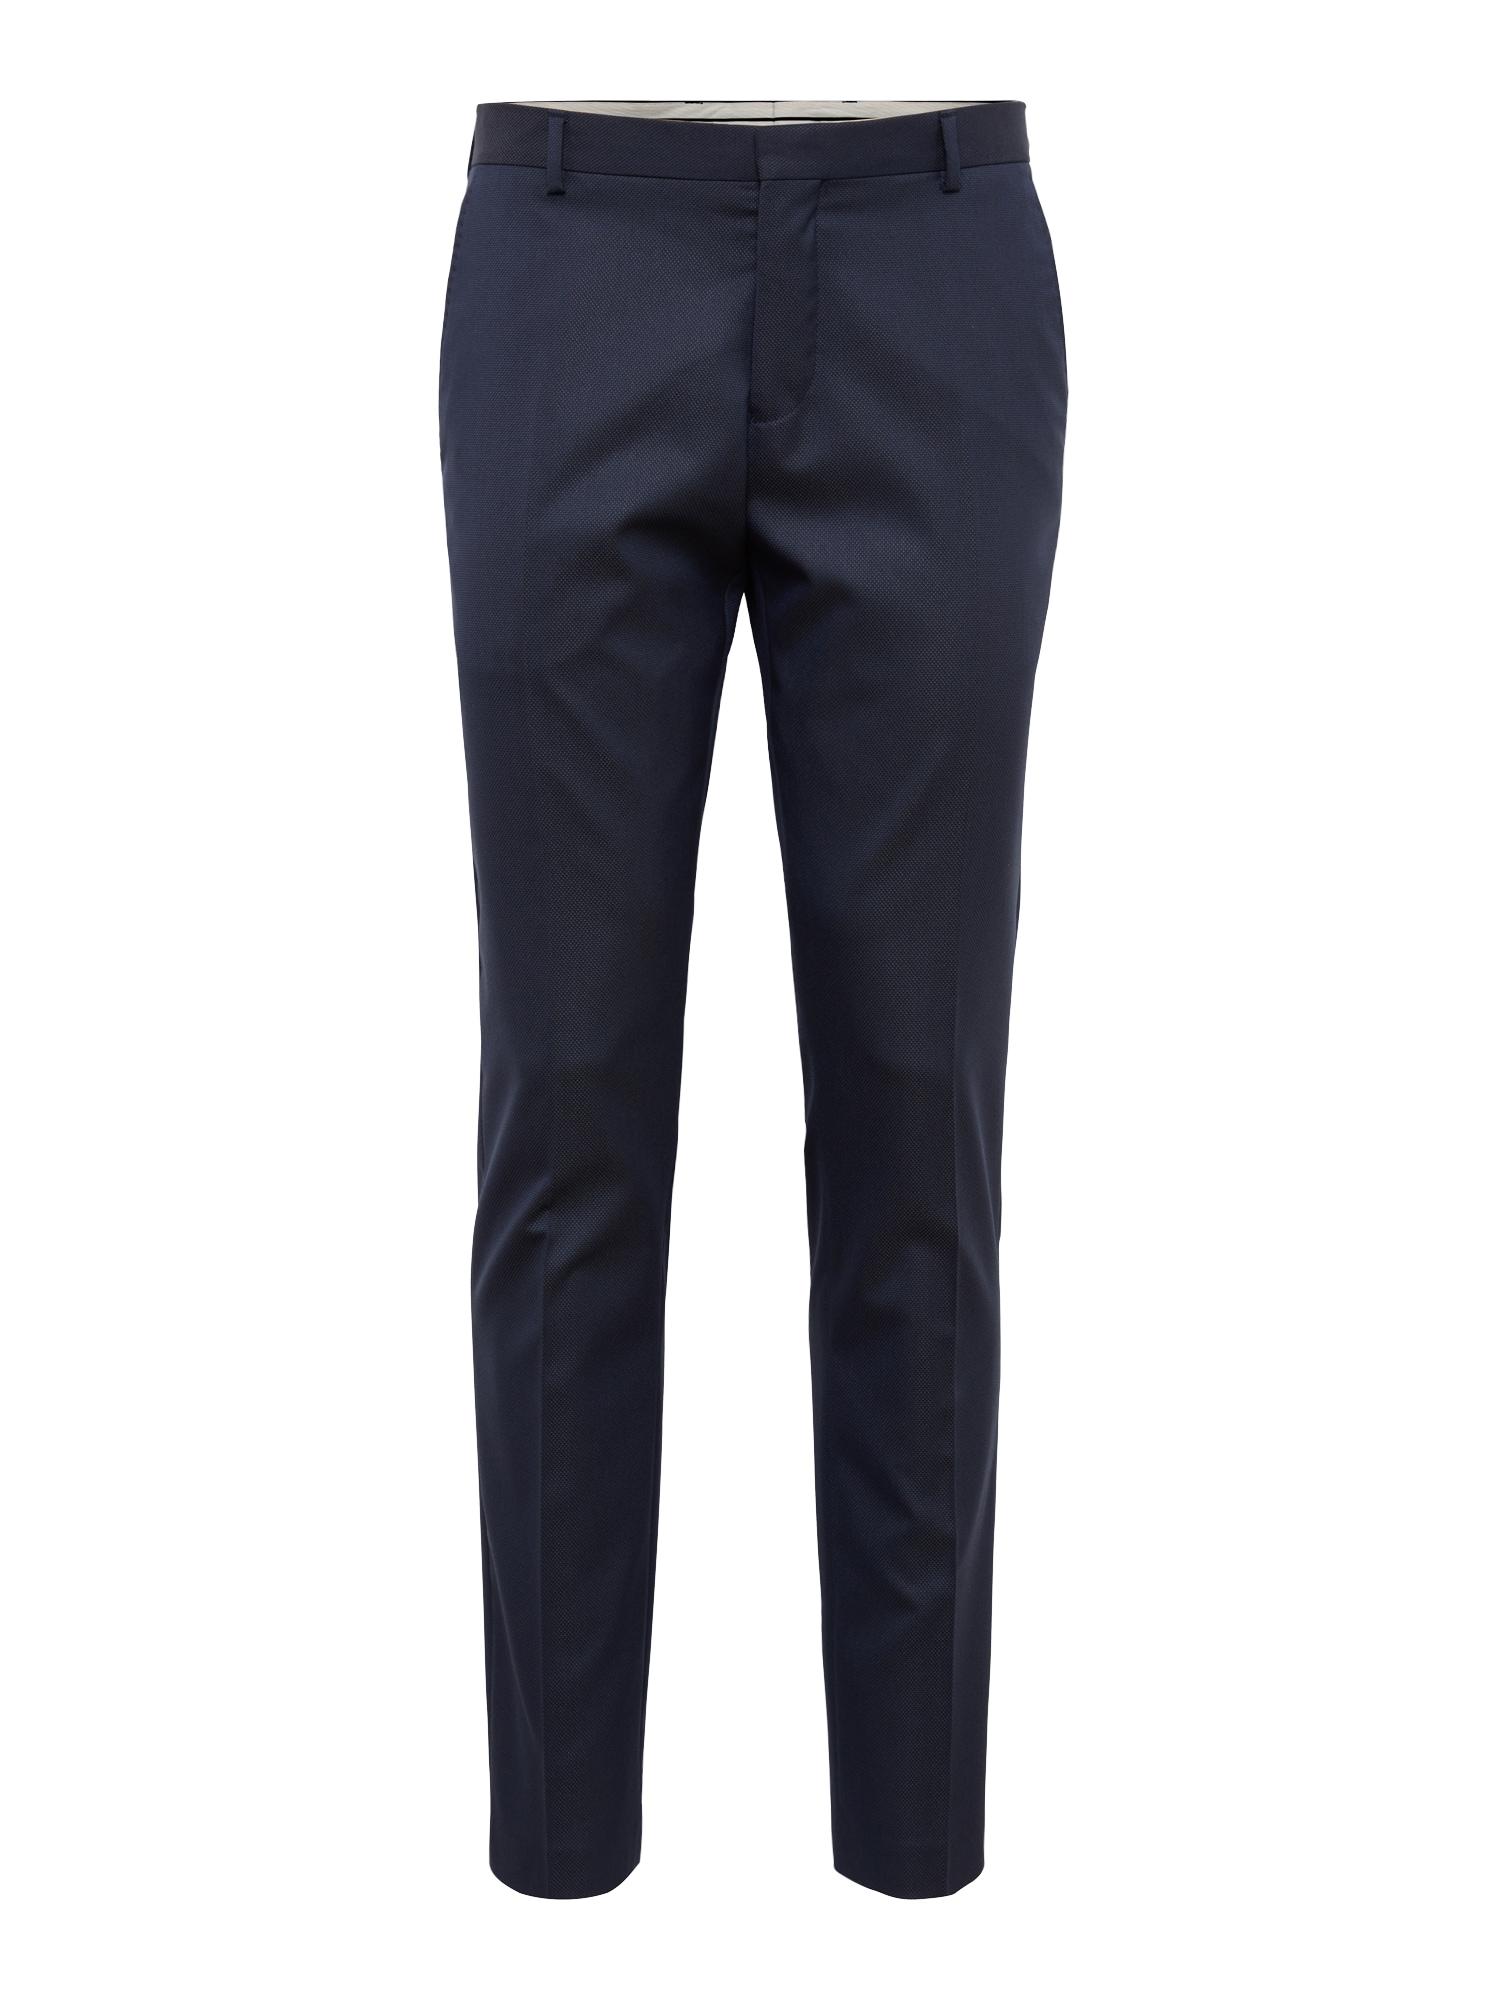 Kalhoty s puky SHDONE-MAZE DK. BLUE STRUCT. TRS NOOS námořnická modř SELECTED HOMME